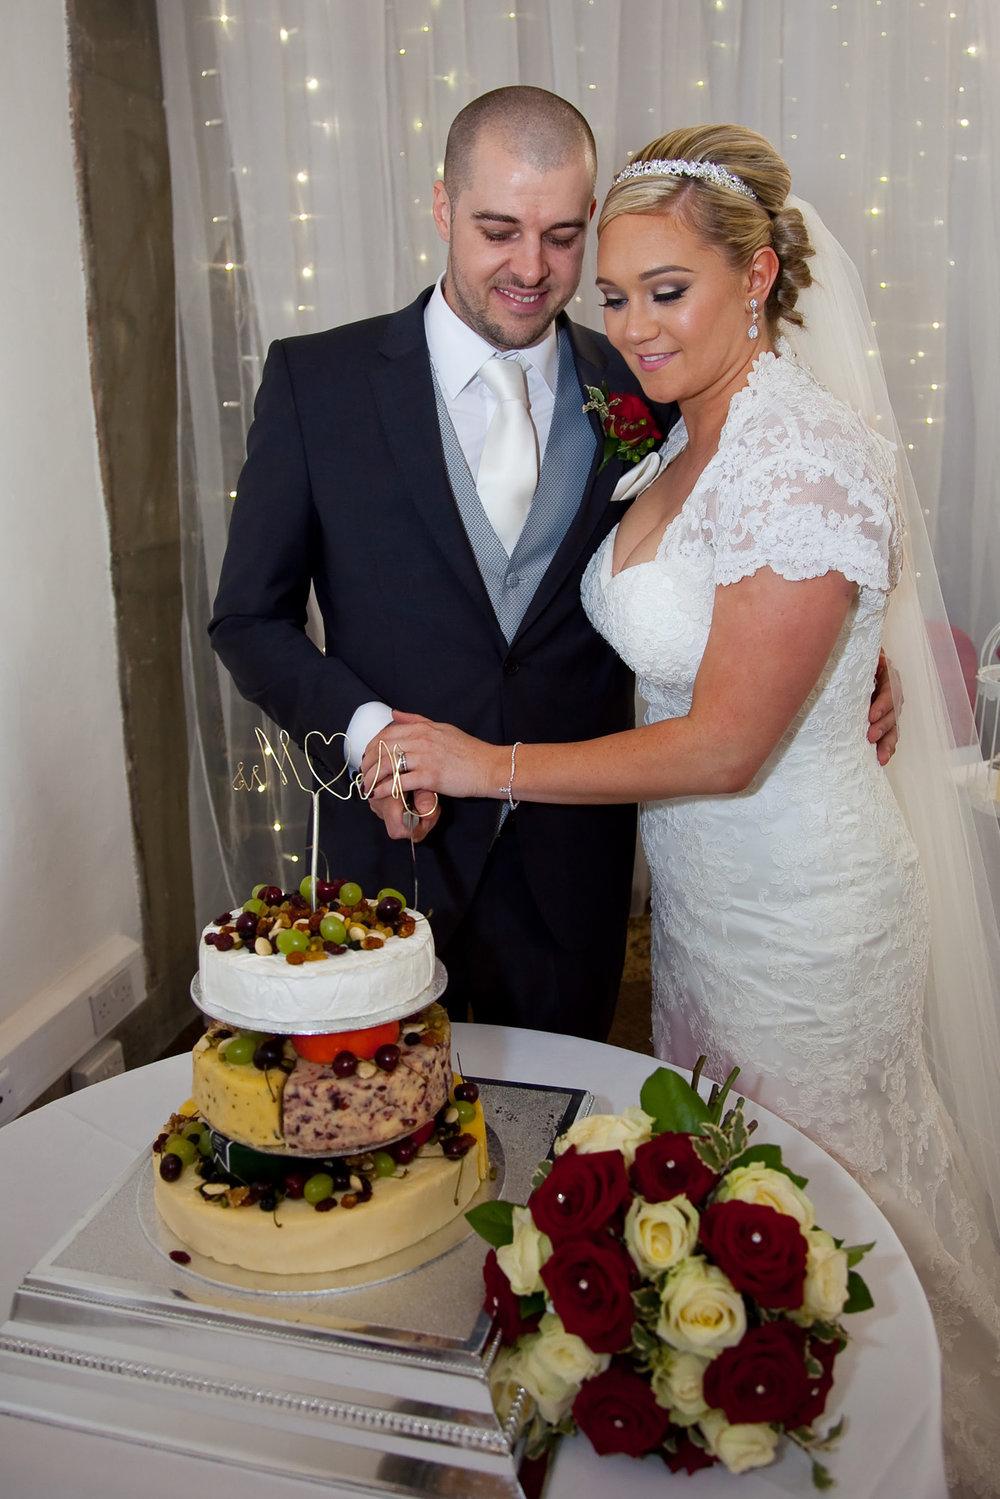 Cake cutting | Astra Bride Natasha | Maggie Sottero Chesney | UK Manor House |